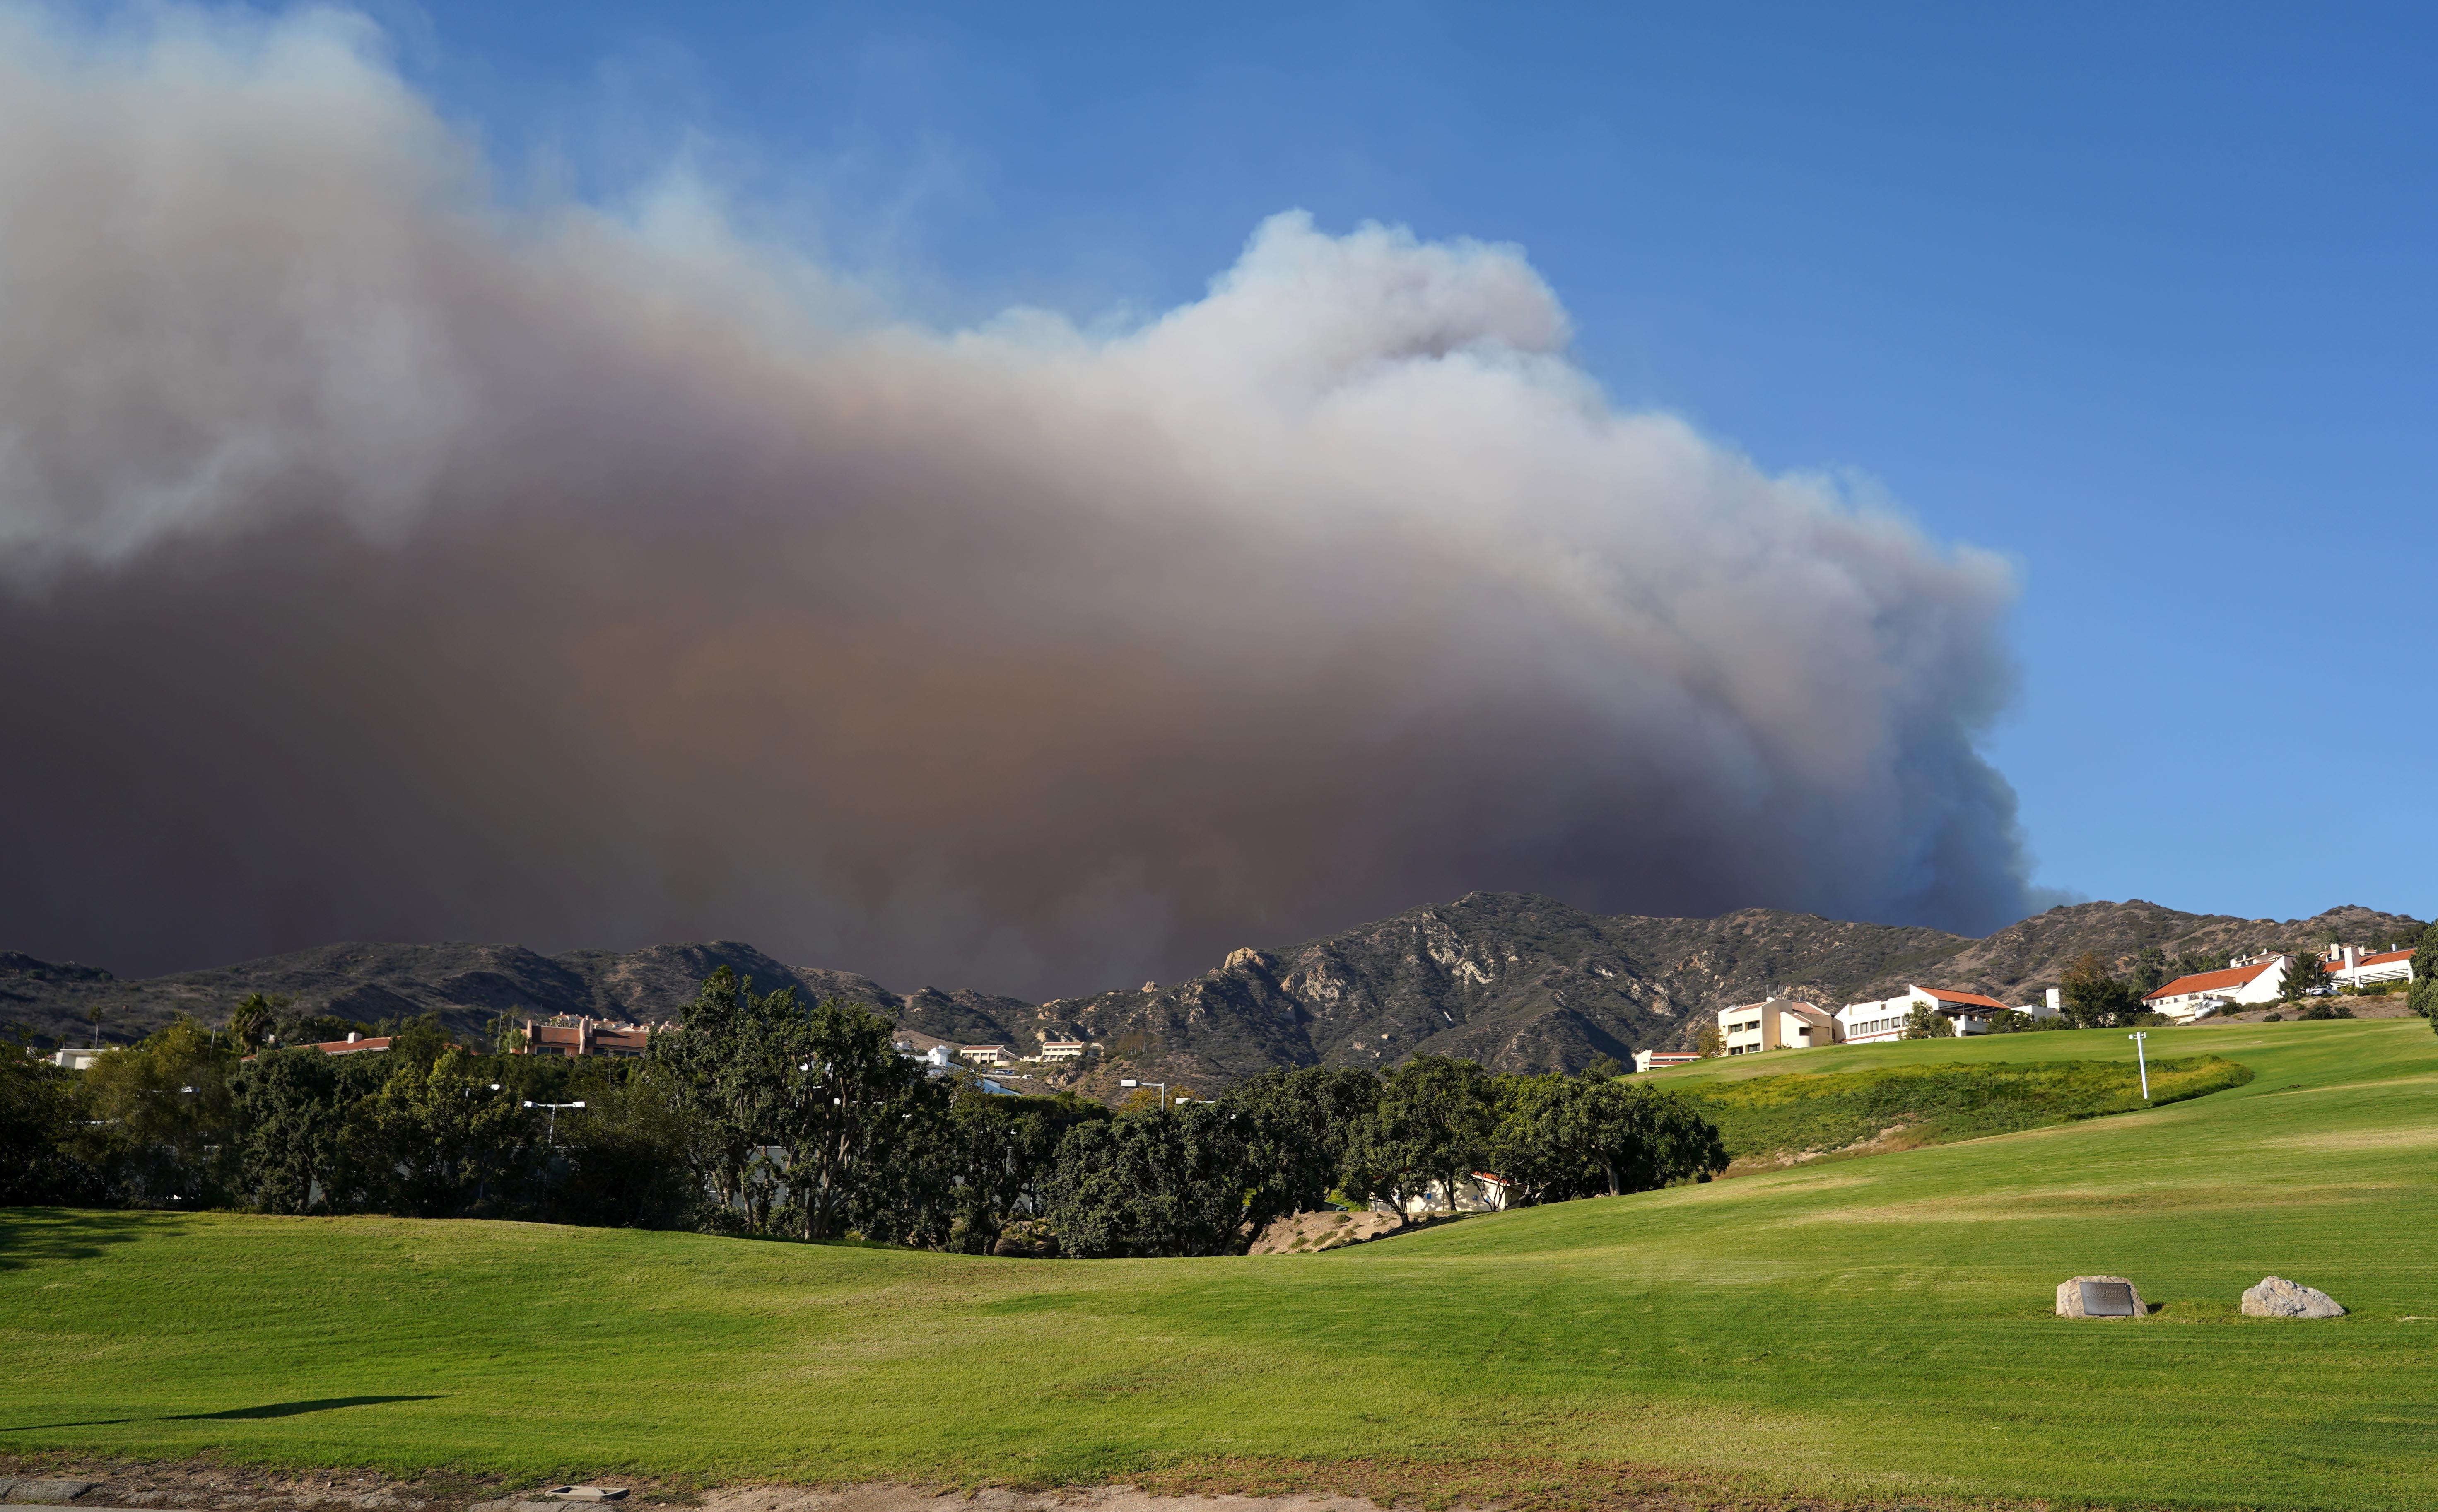 Why Pepperdine stays put when wildfires rage